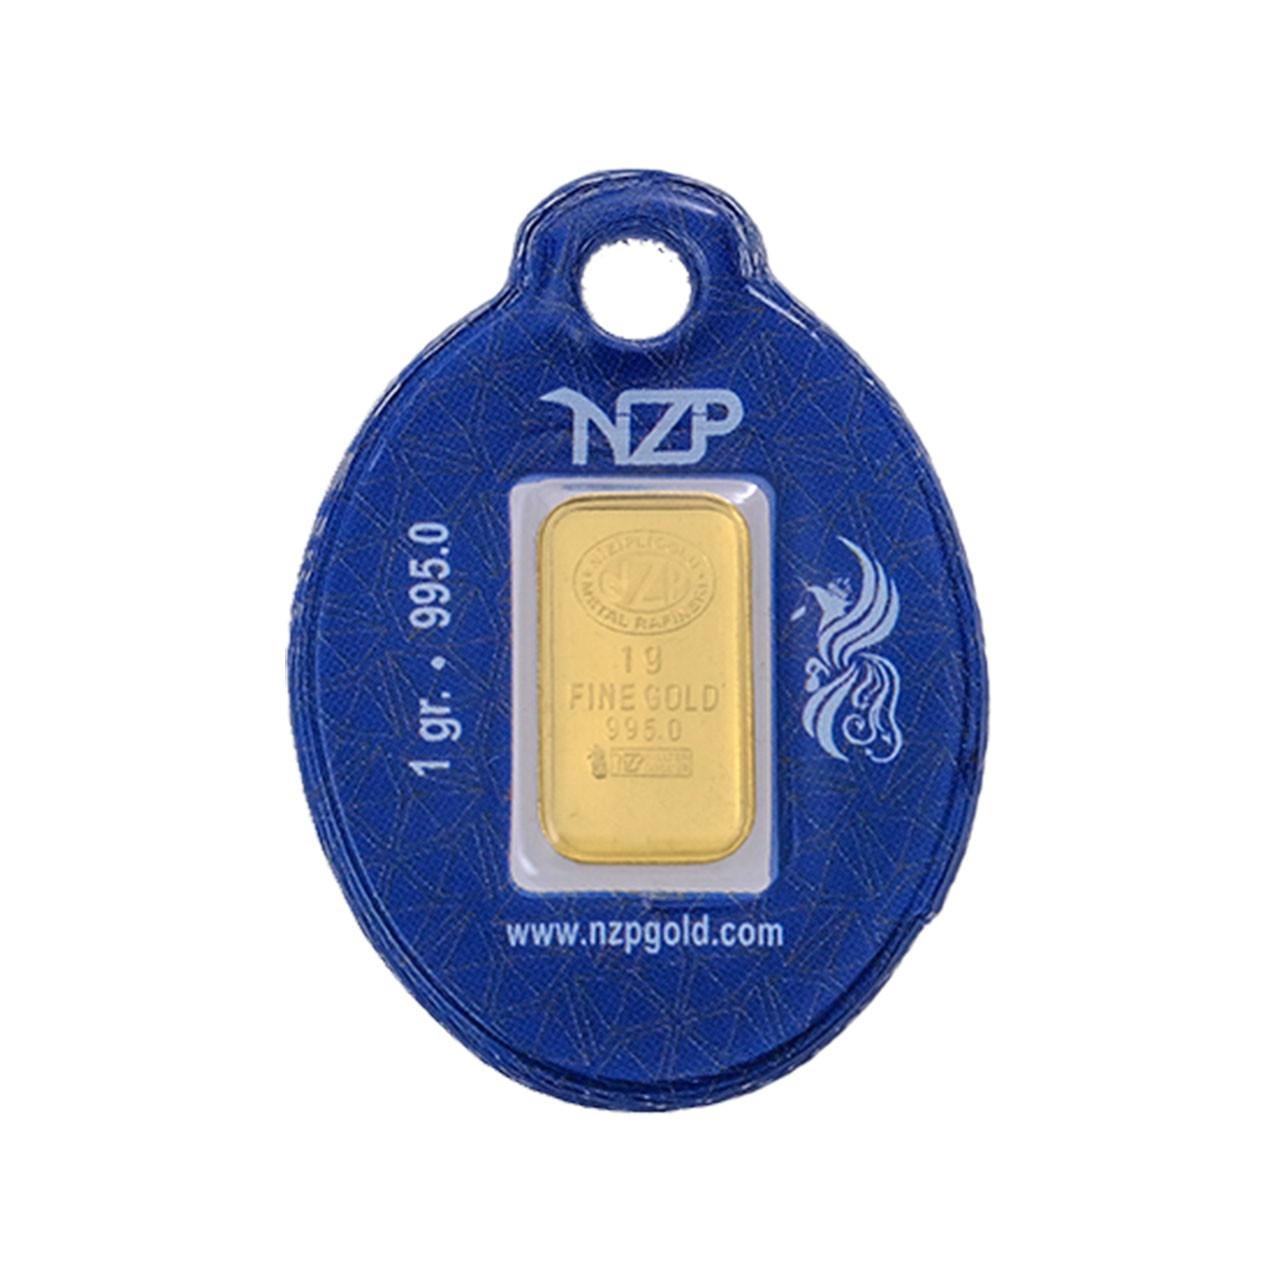 1 Gr 24 Ayar NZP Gram Altın